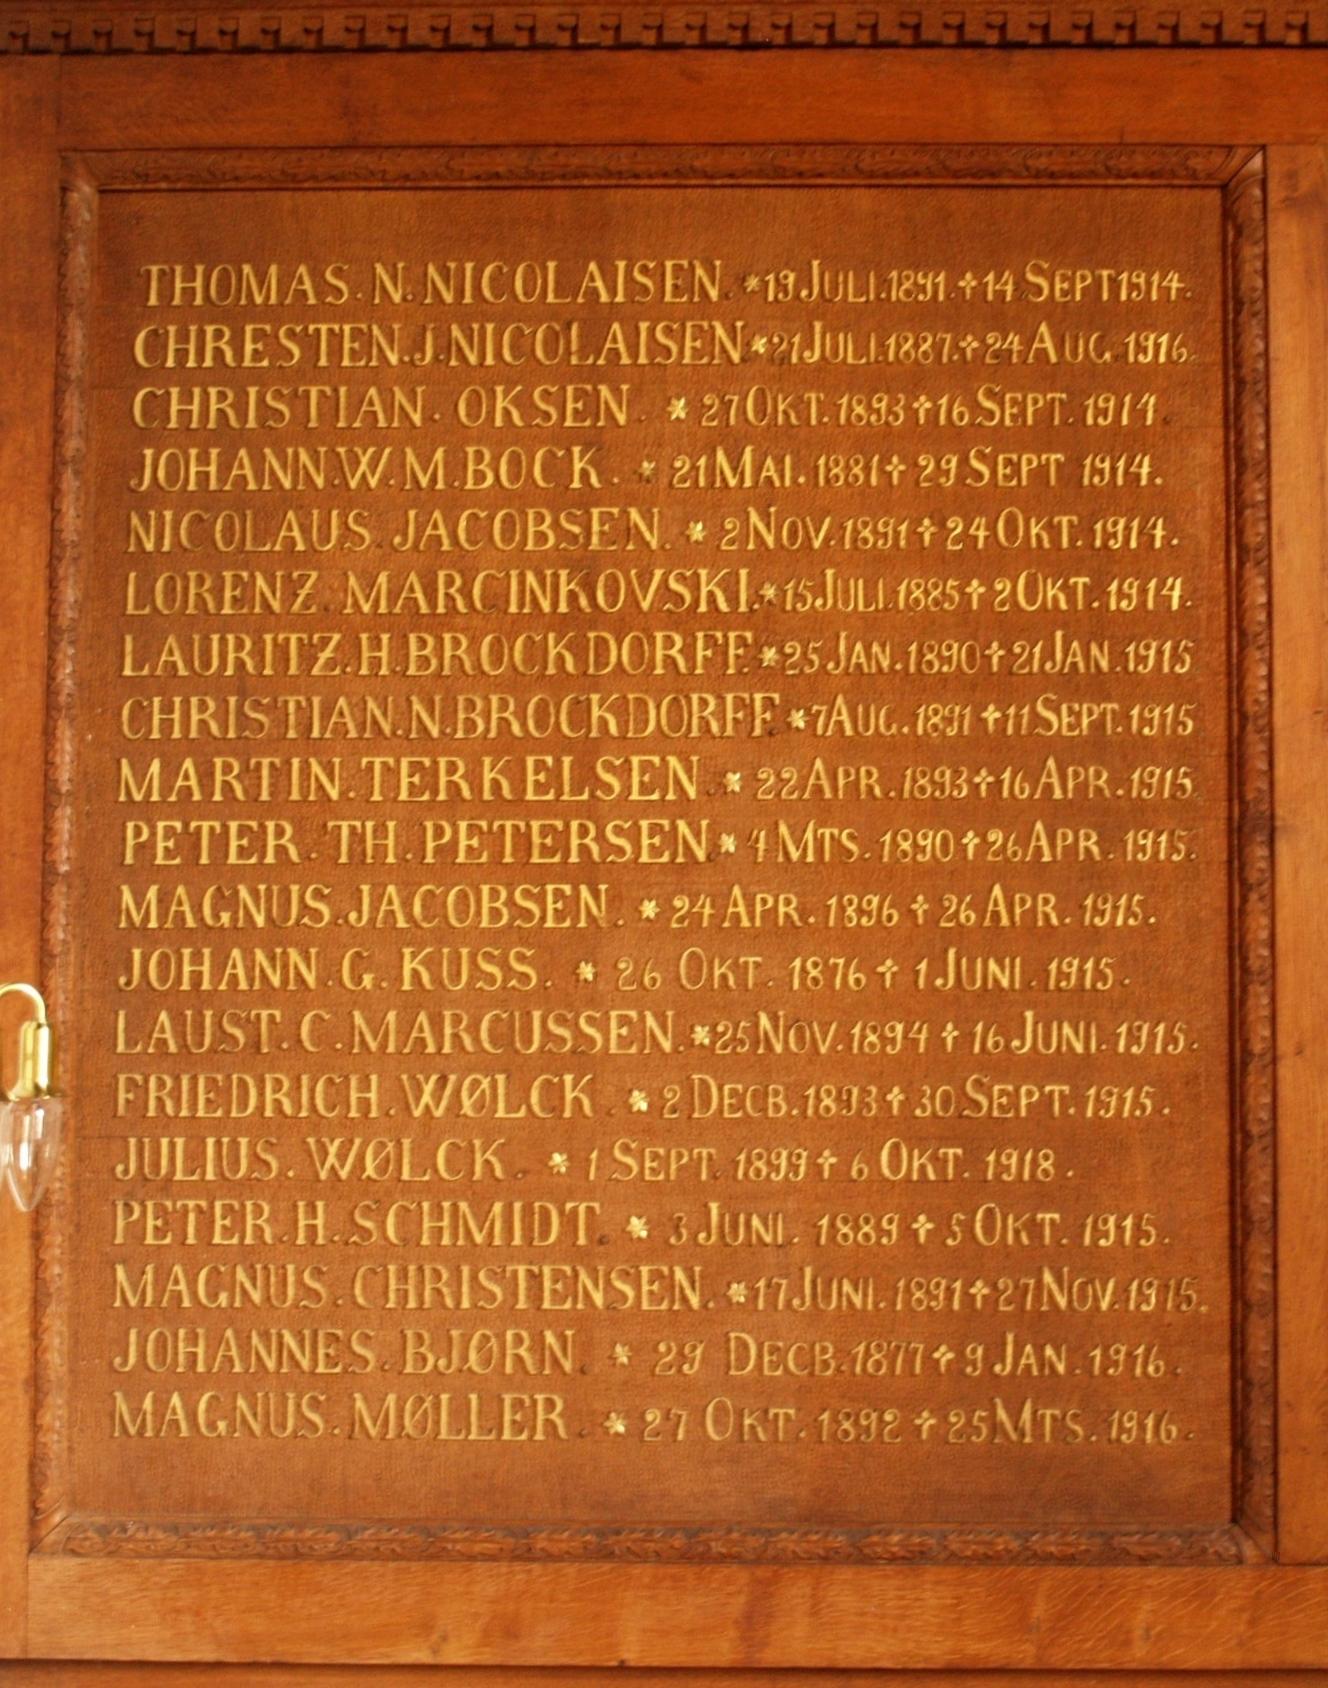 Detalje af mindetavle, Skærbæk Kirke